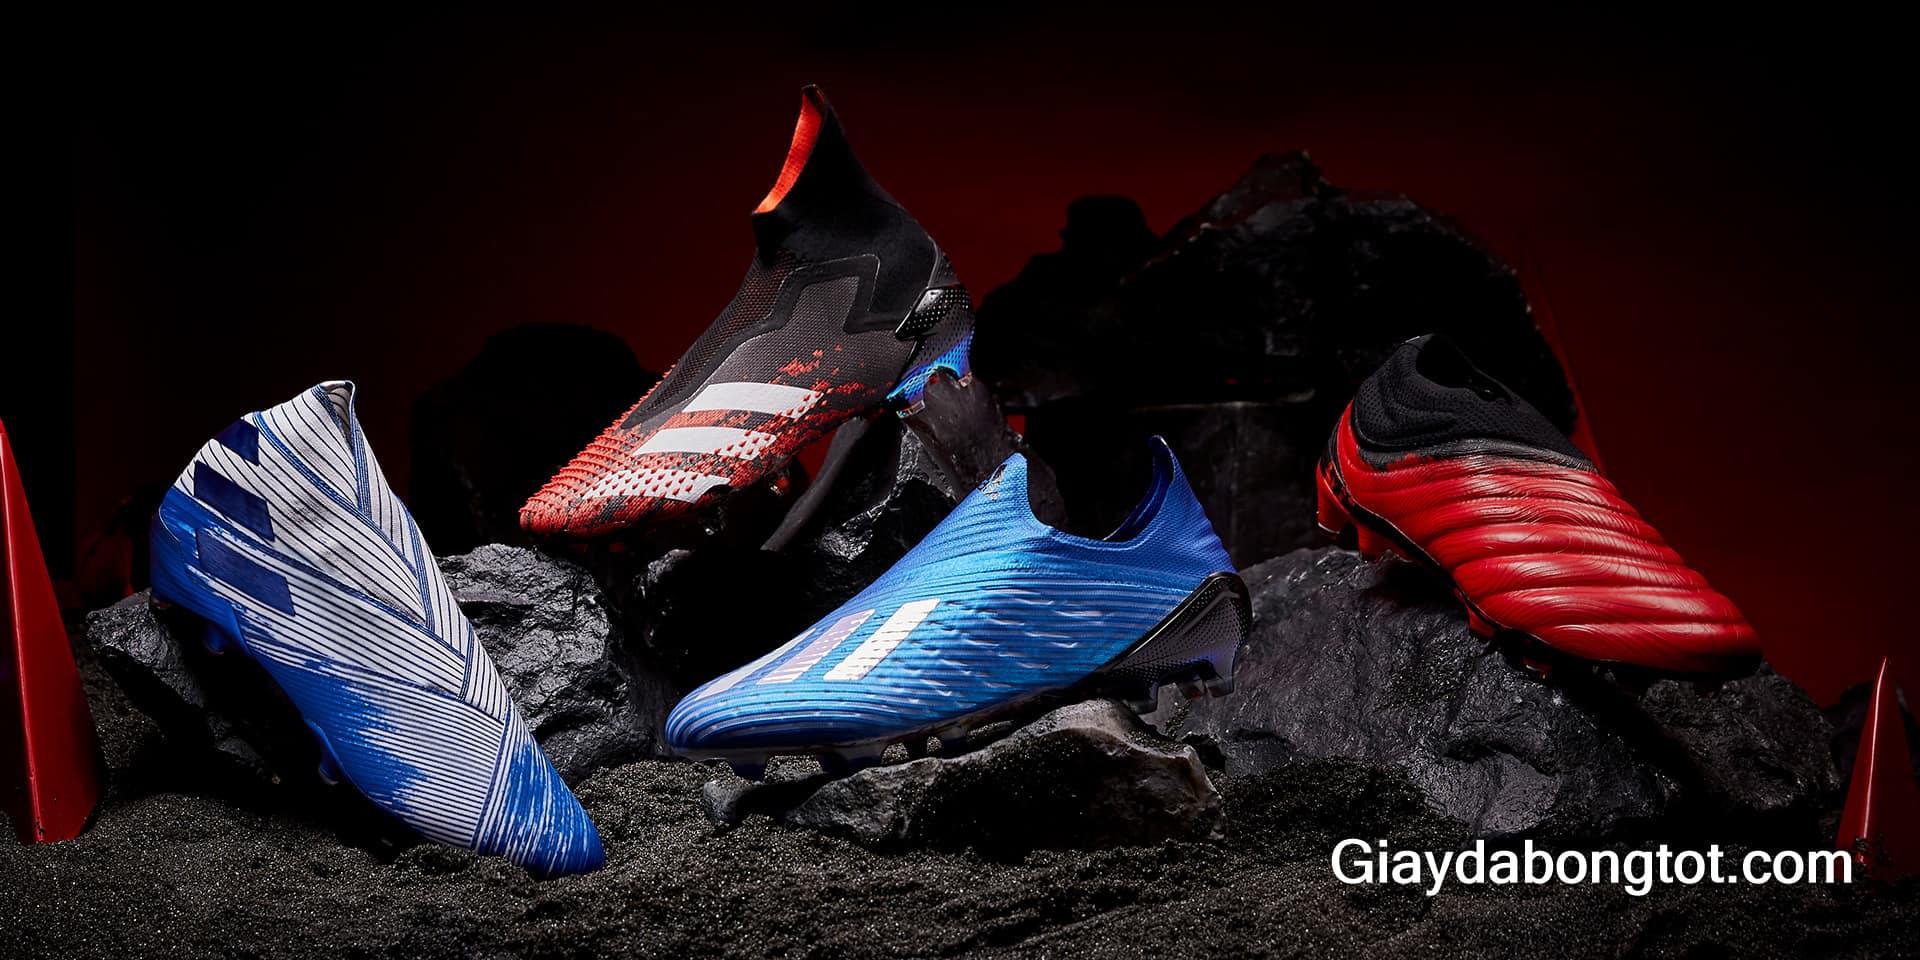 Adidas liên tục làm mới mình và khẳng định vị thế của một hãng giày đá bóng tên tuổi